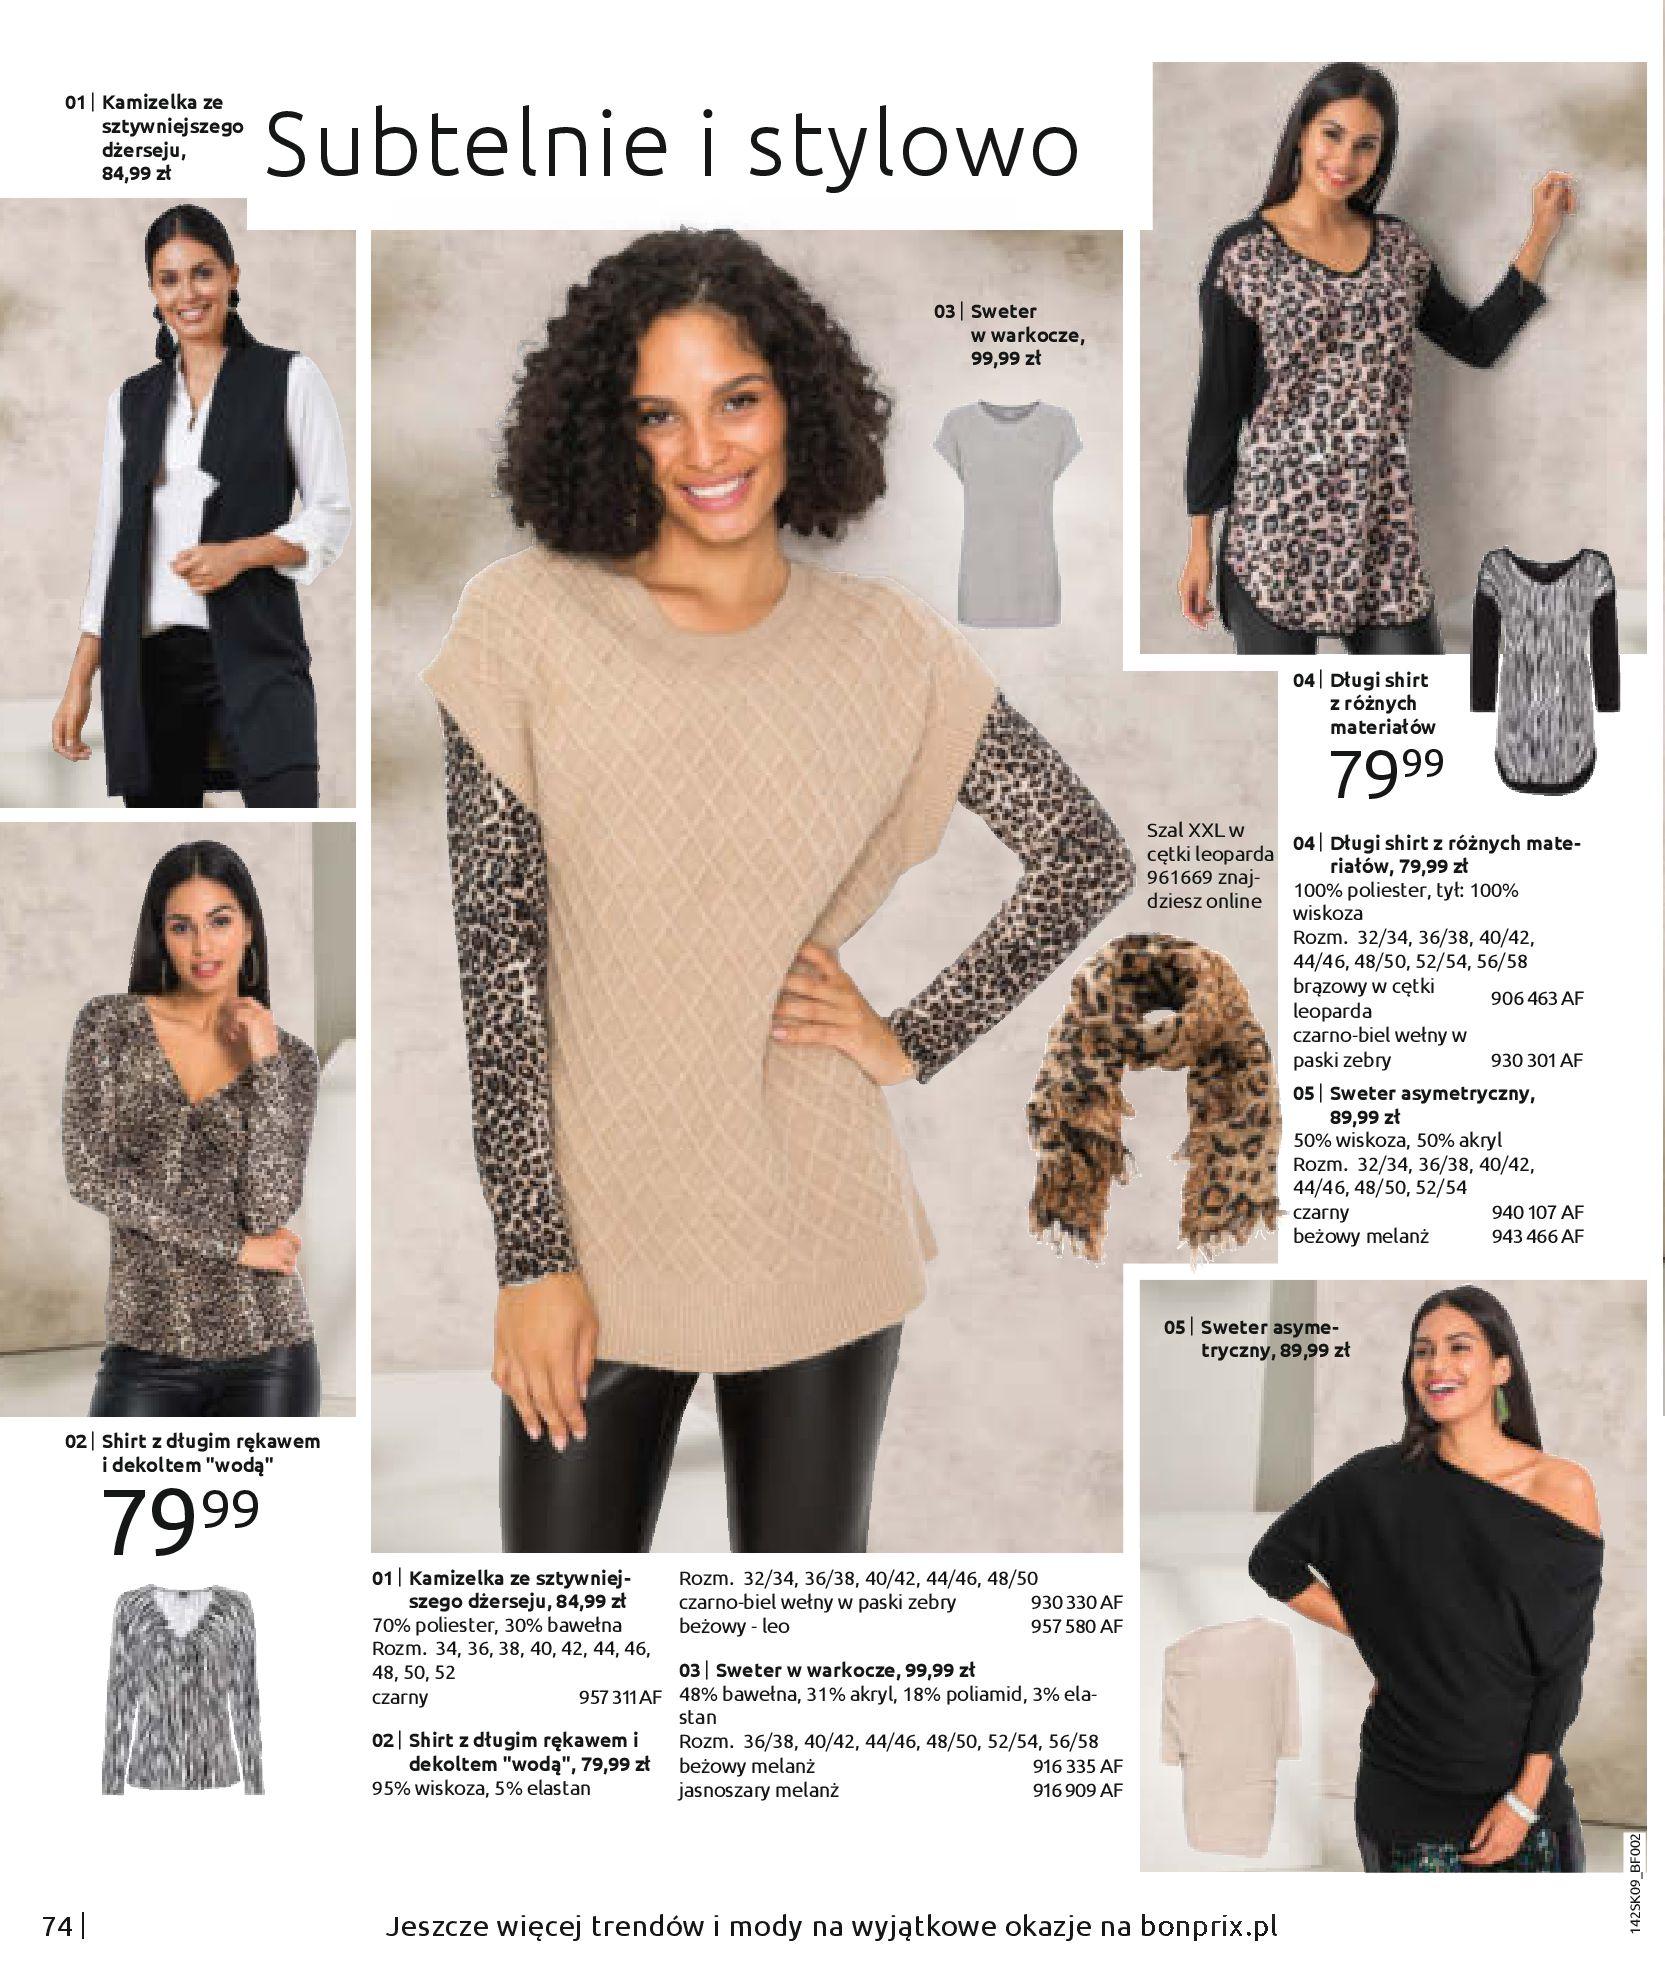 Gazetka Bonprix - Jesienny look-31.08.2020-28.02.2021-page-76